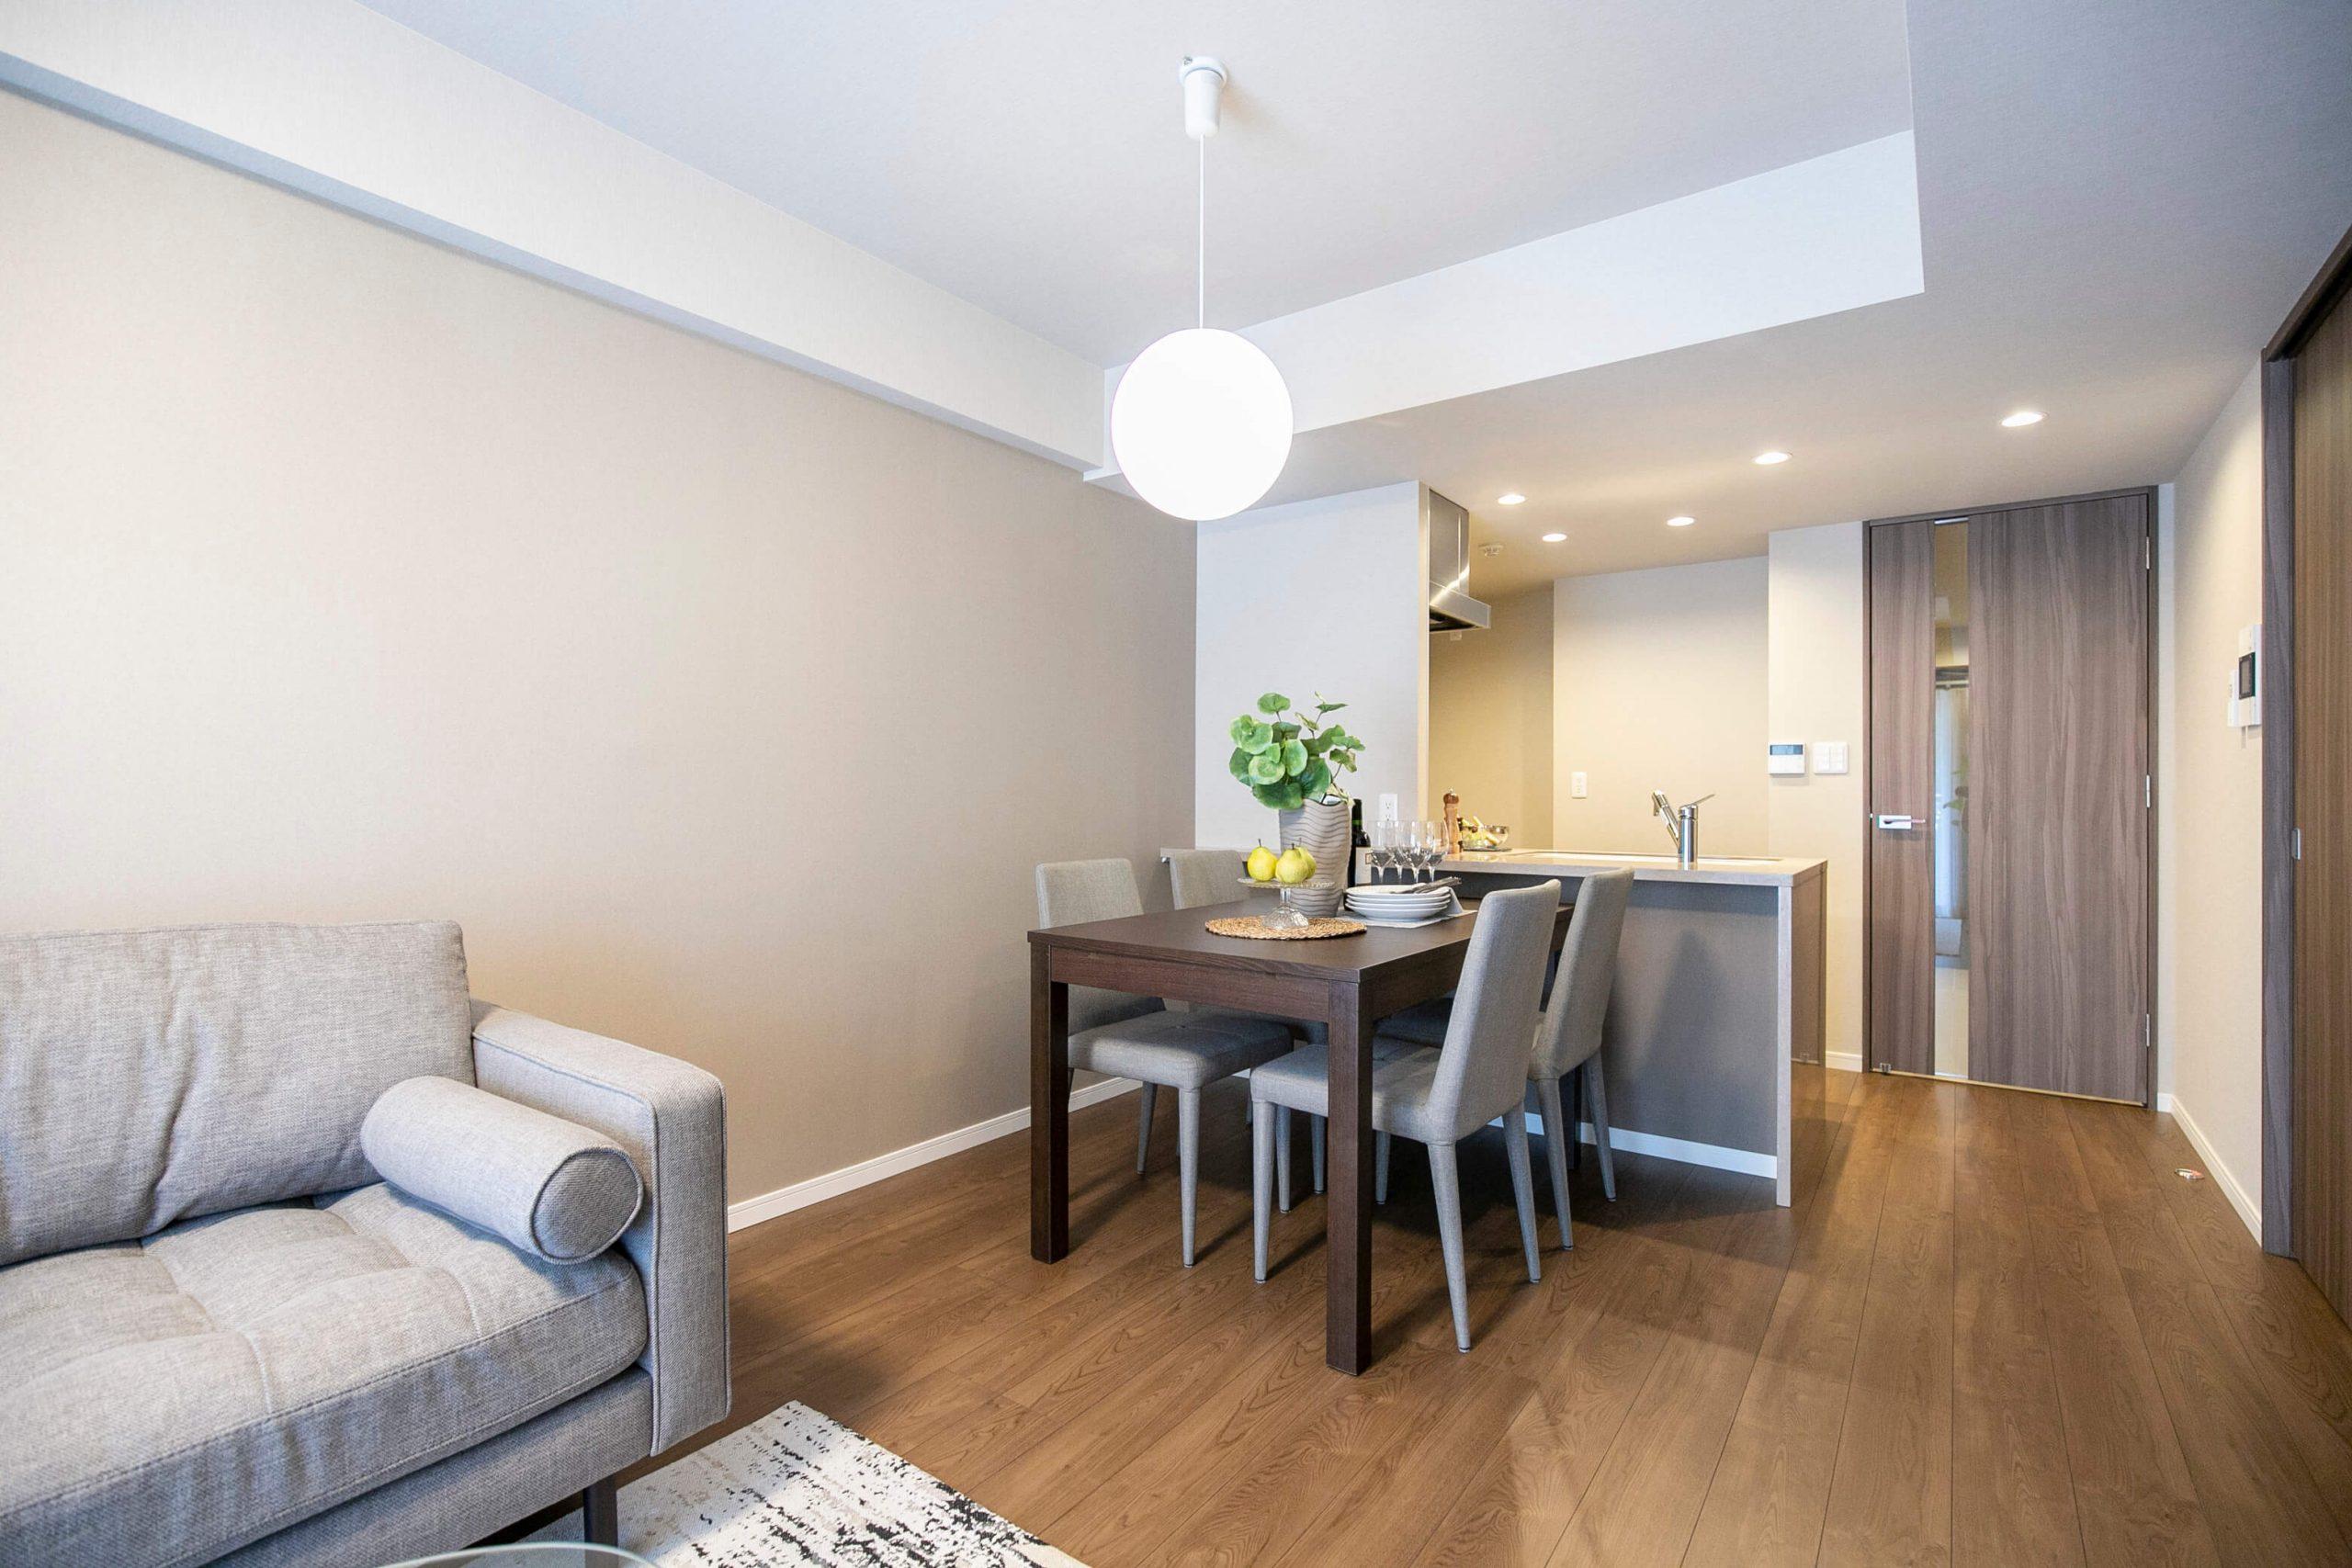 荻窪 収納豊富で暮らしやすい部屋